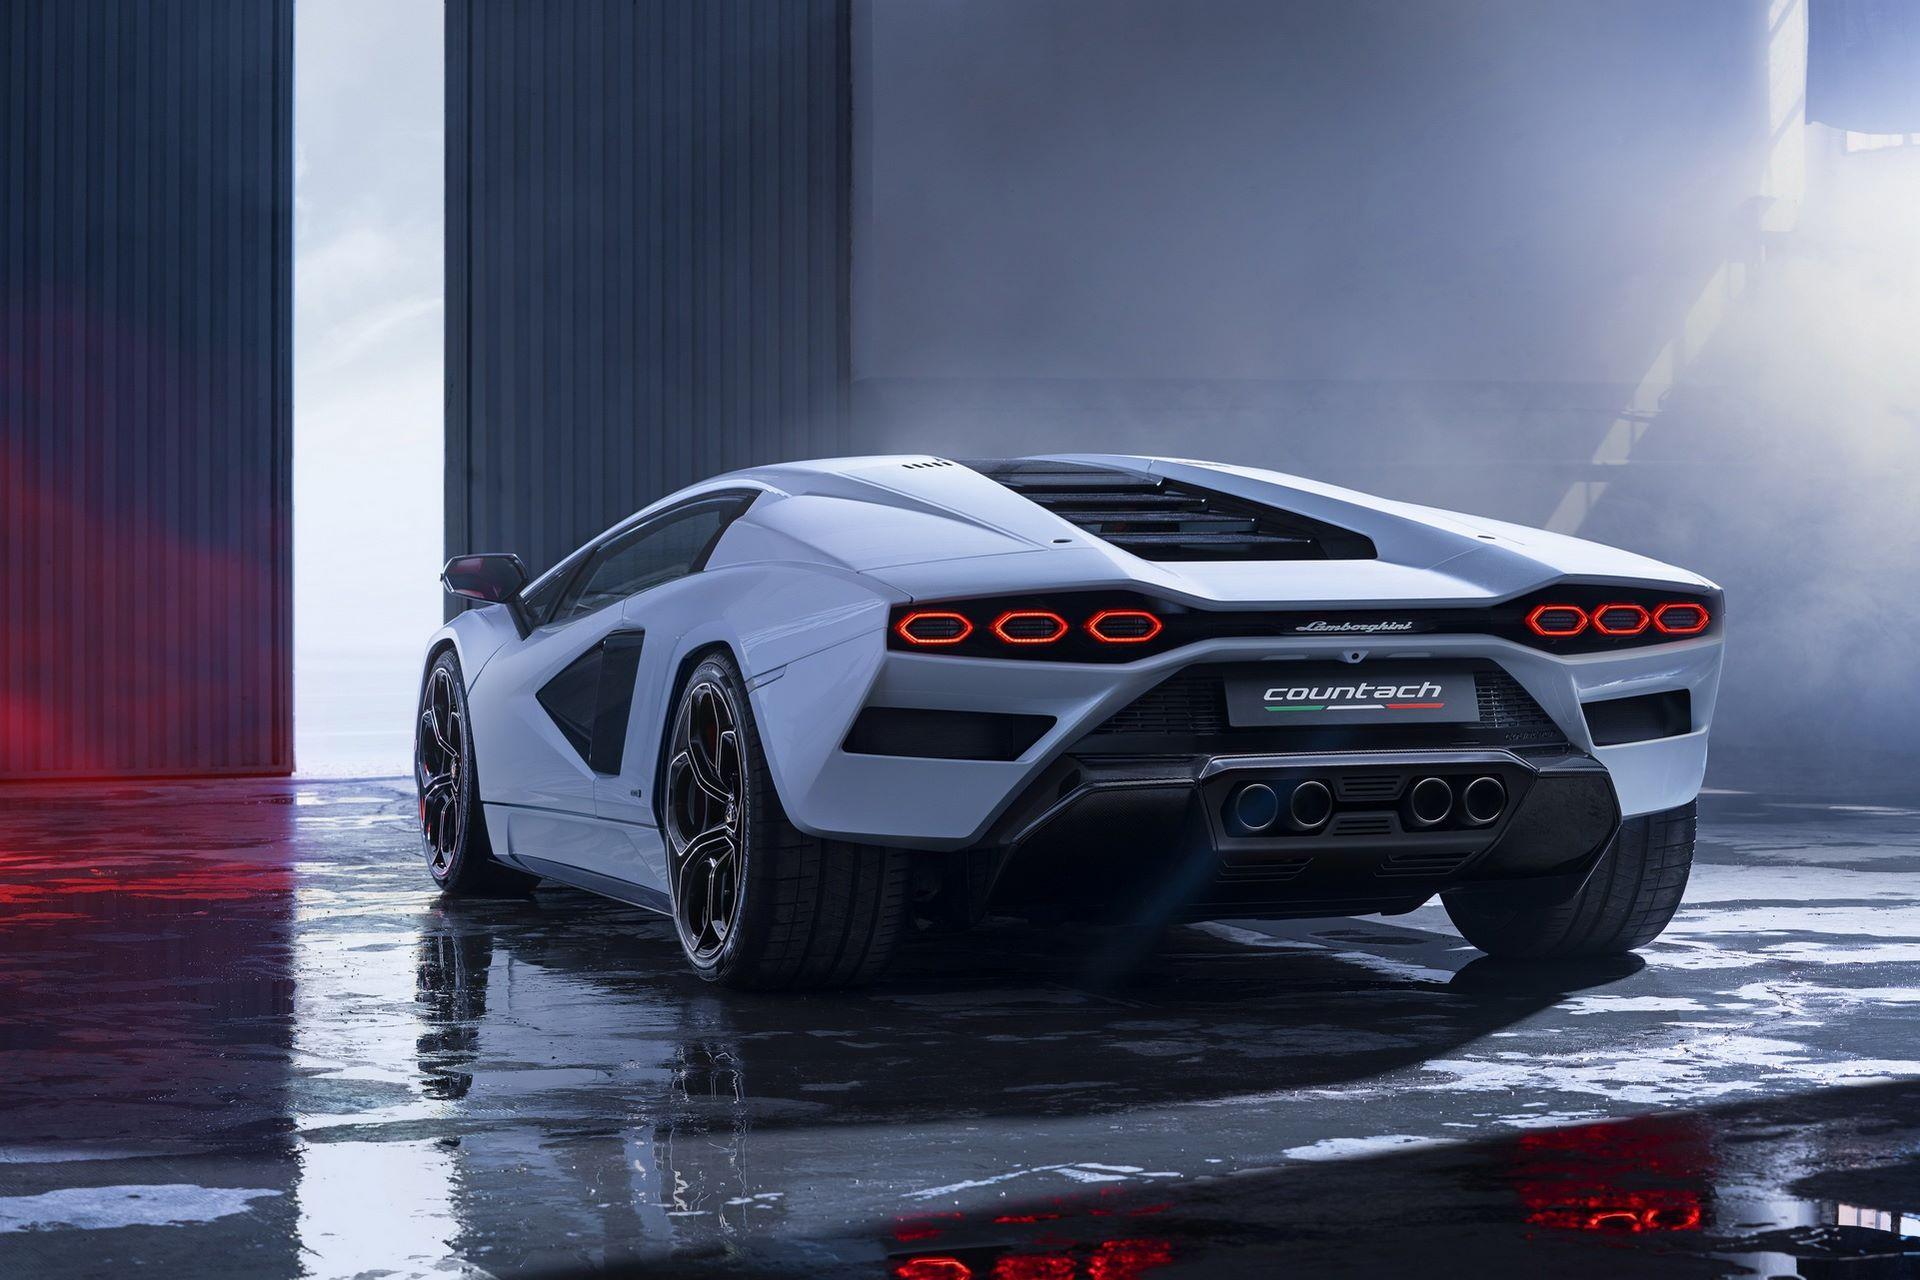 Lamborghini-Countach-LPI-800-4-89